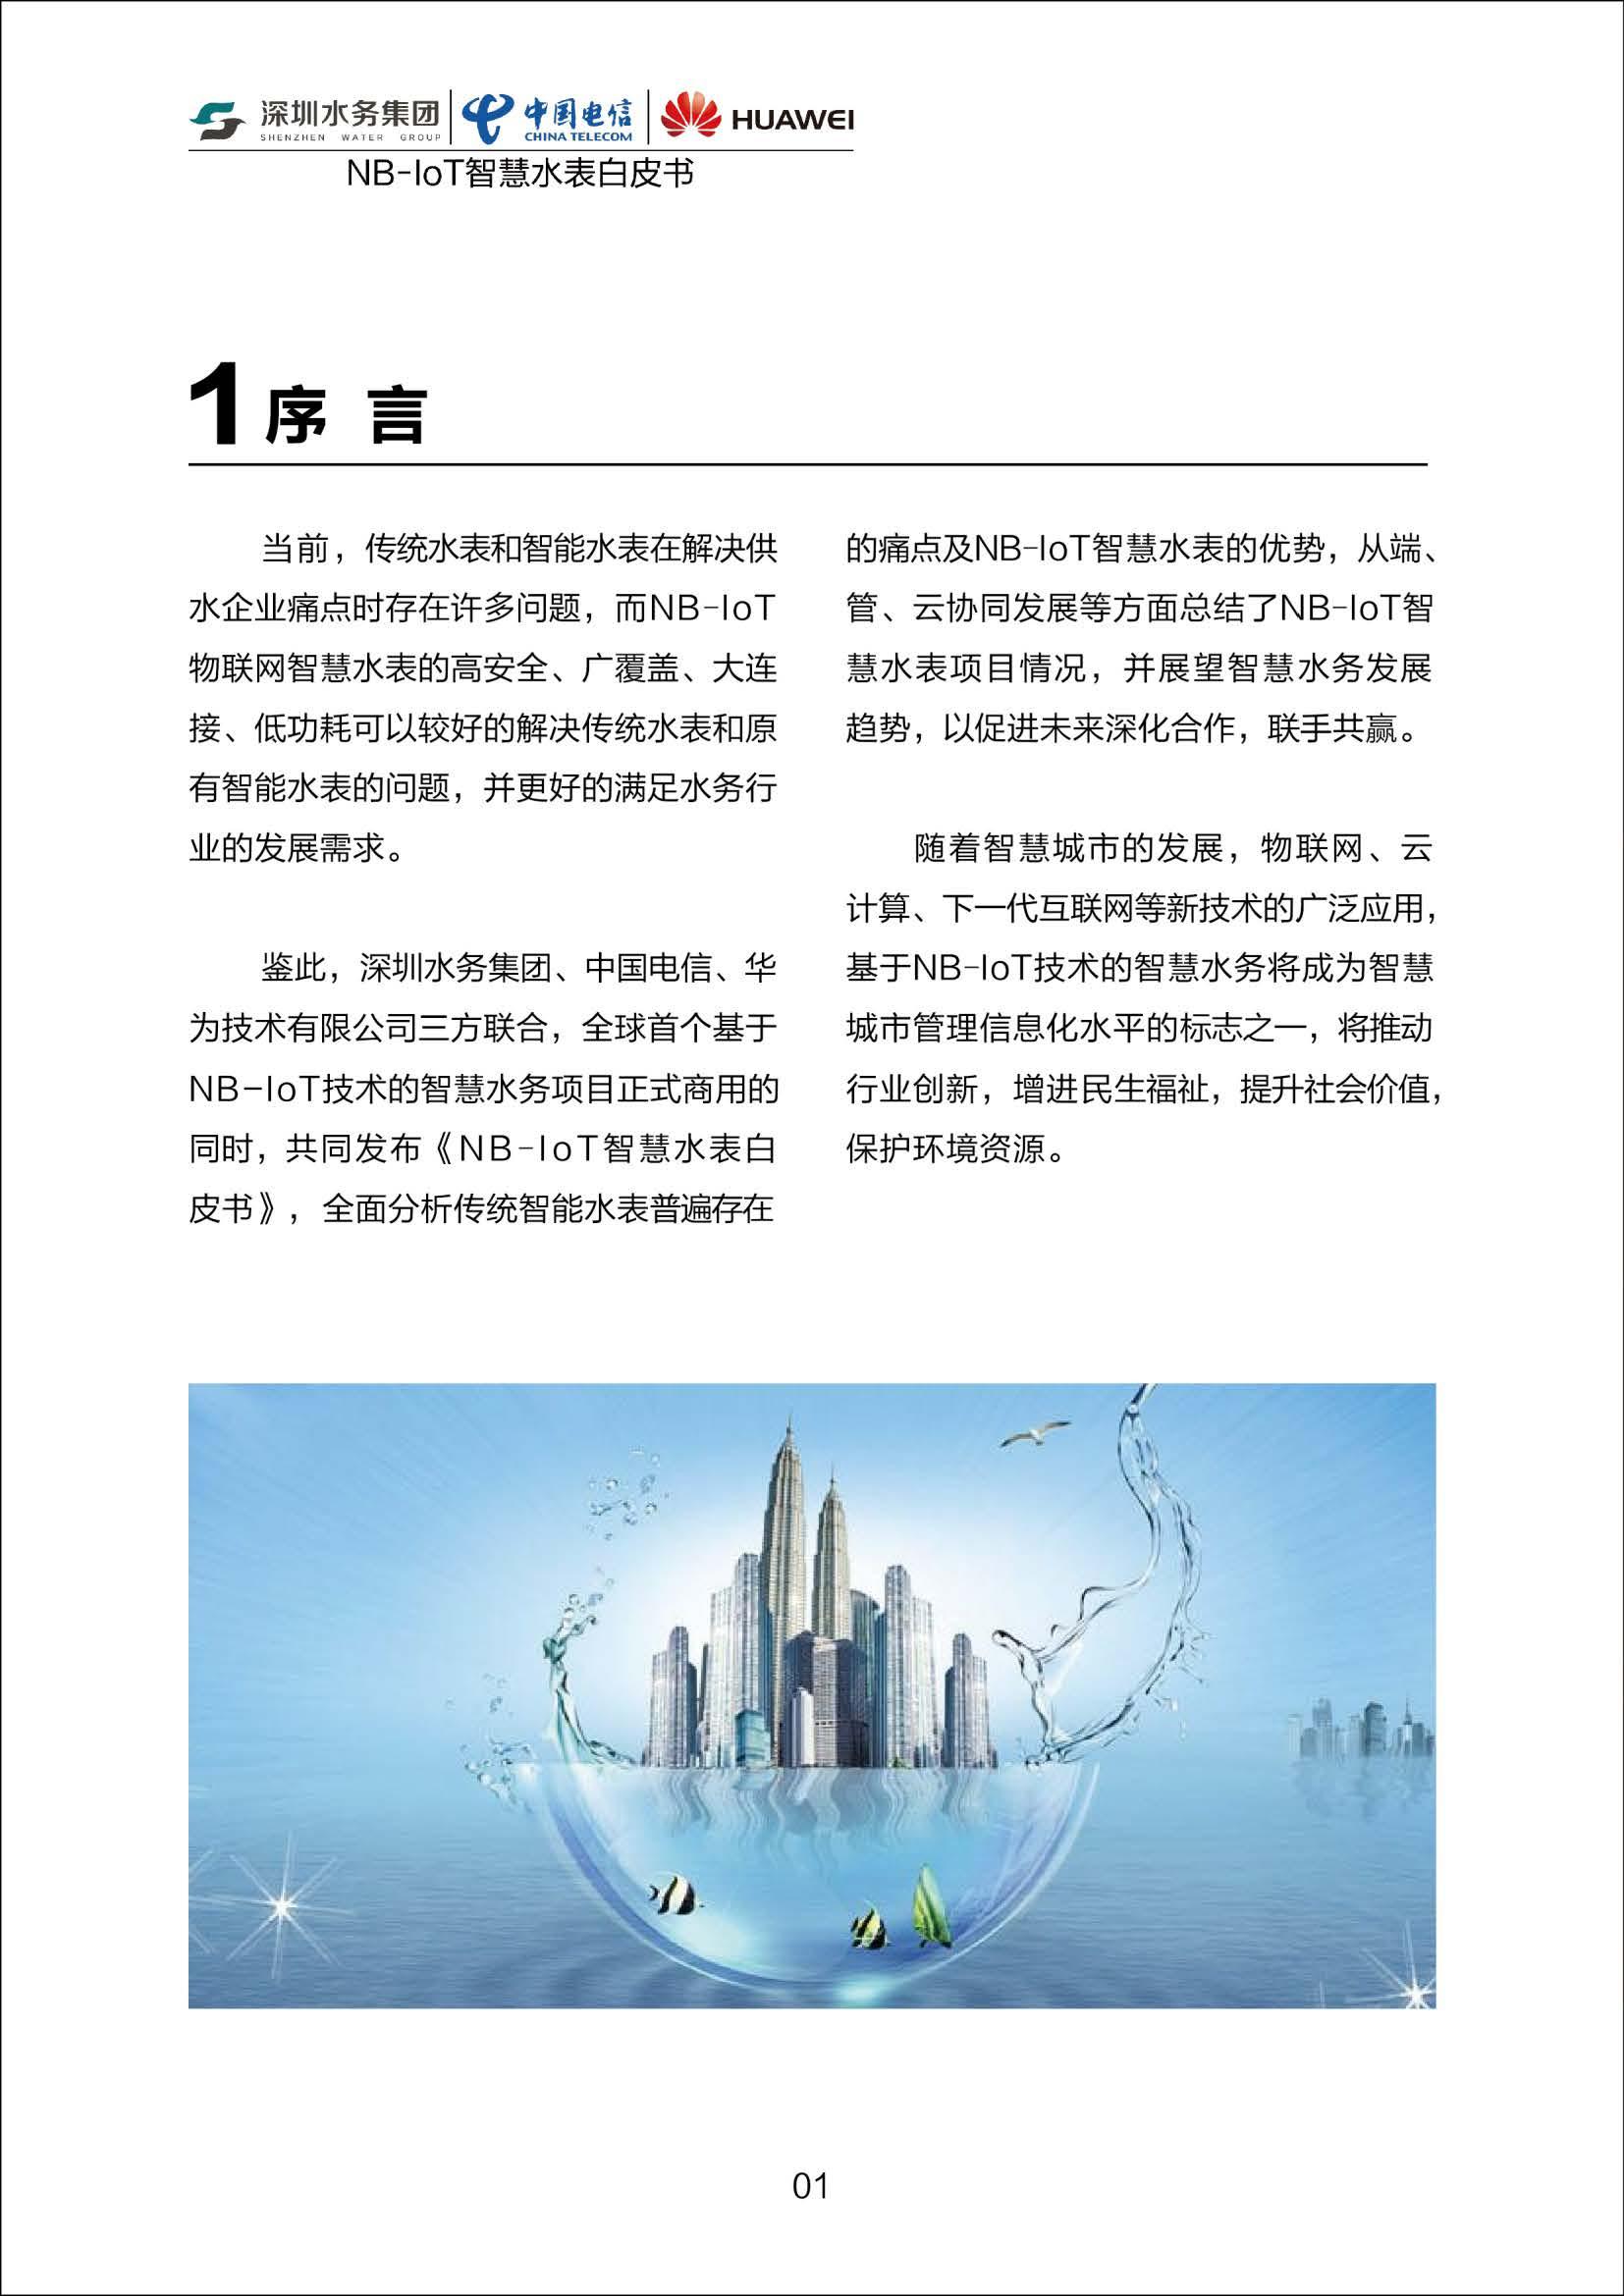 NB-IoT智慧水表白皮书 深圳水务 中国电信 华为 20170330_页面_03.jpg